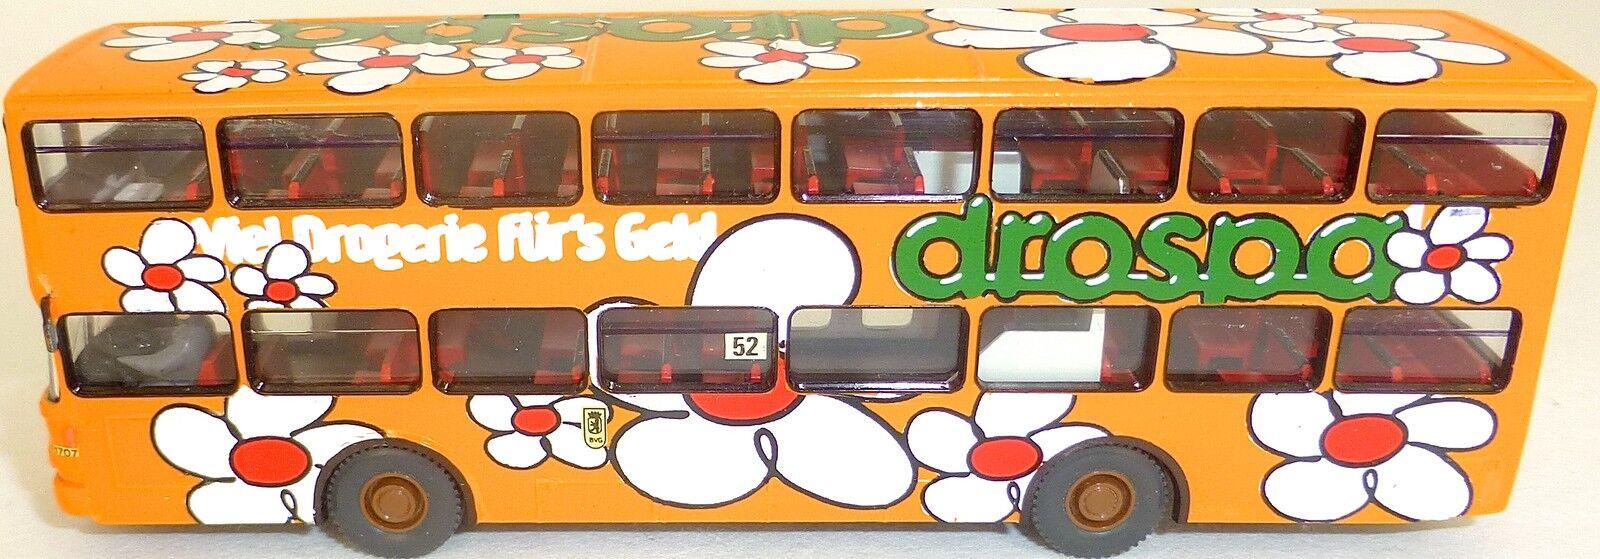 Drospa Línea 52 SD 200 modelo hecho a mano de Wiking Bus H0 1 87 gd4å